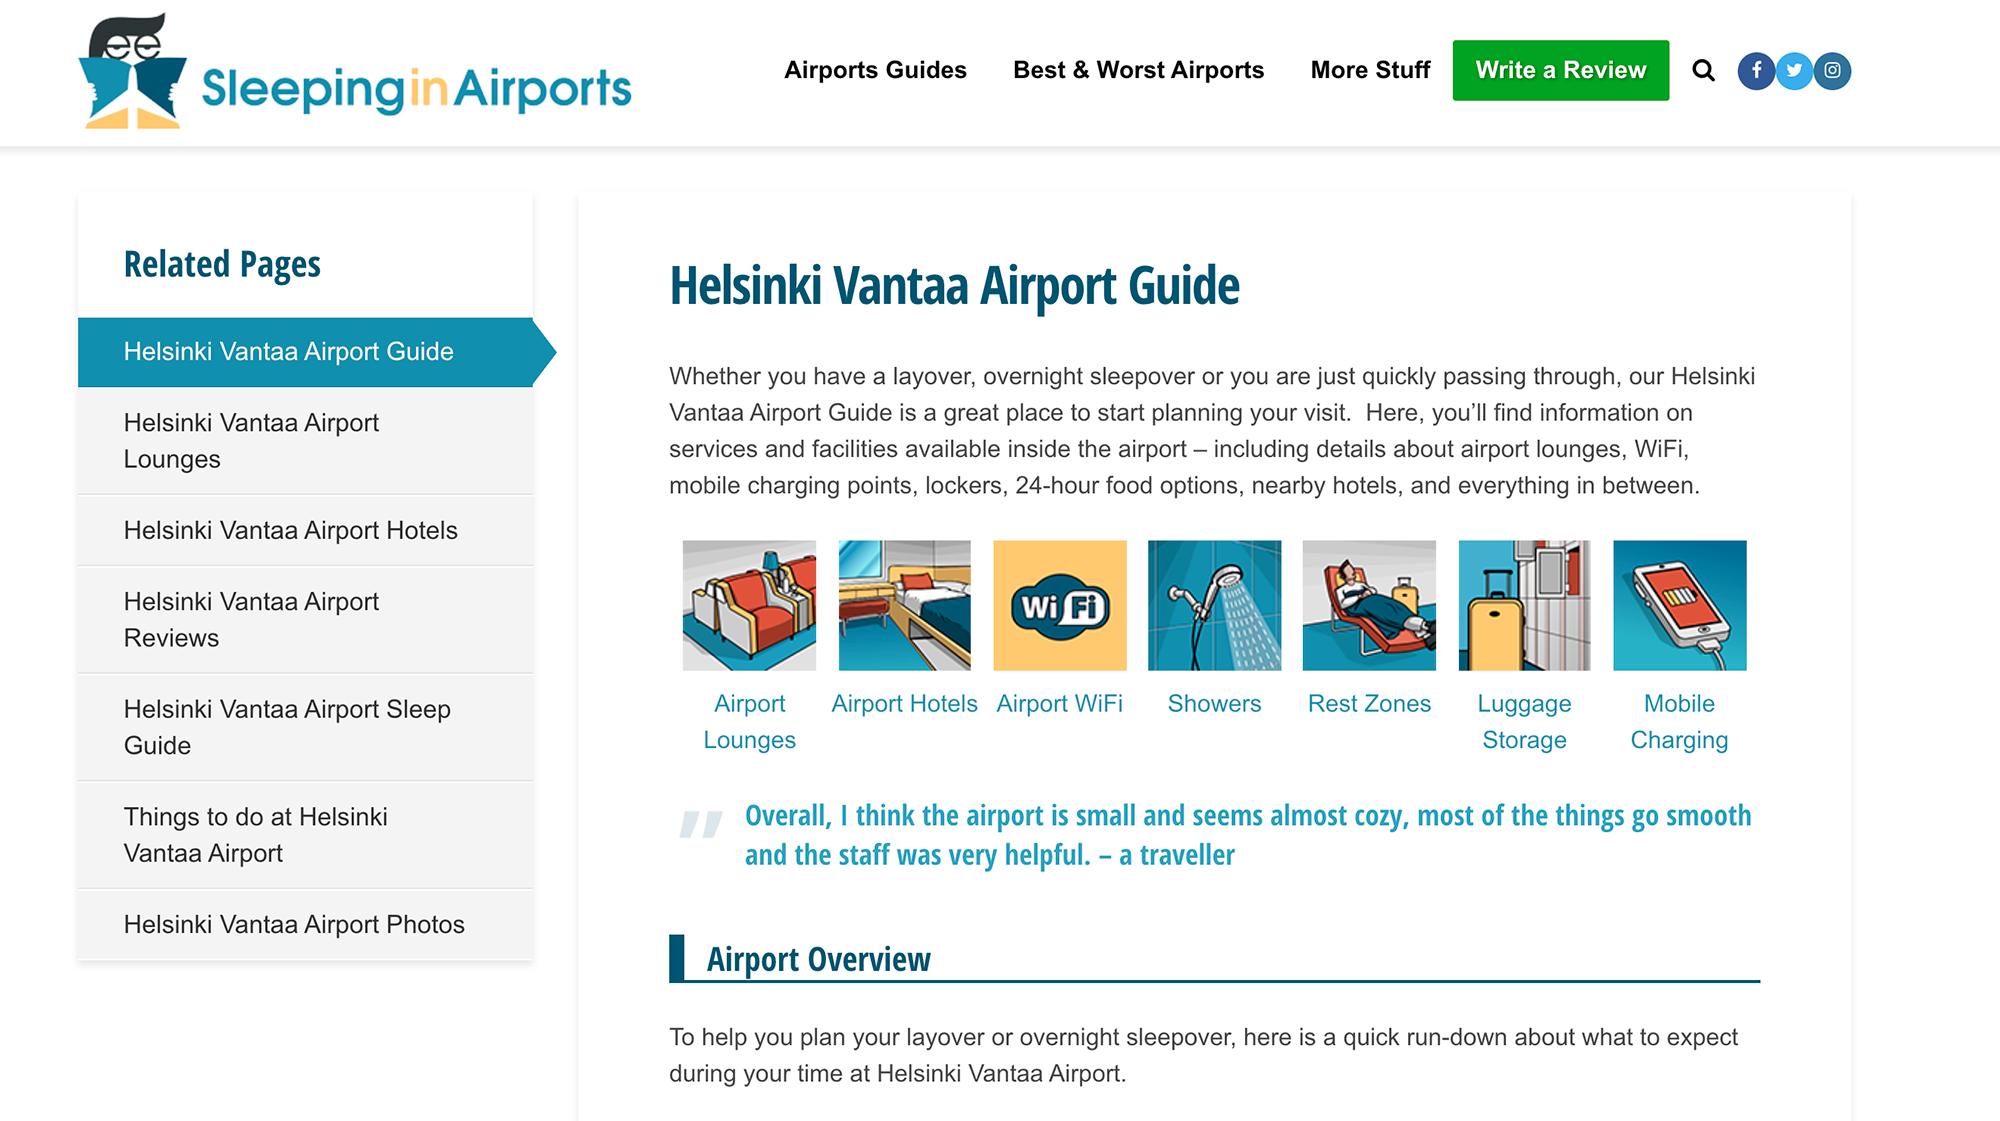 В аэропорту Хельсинки есть бесплатный вайфай и зоны для отдыха